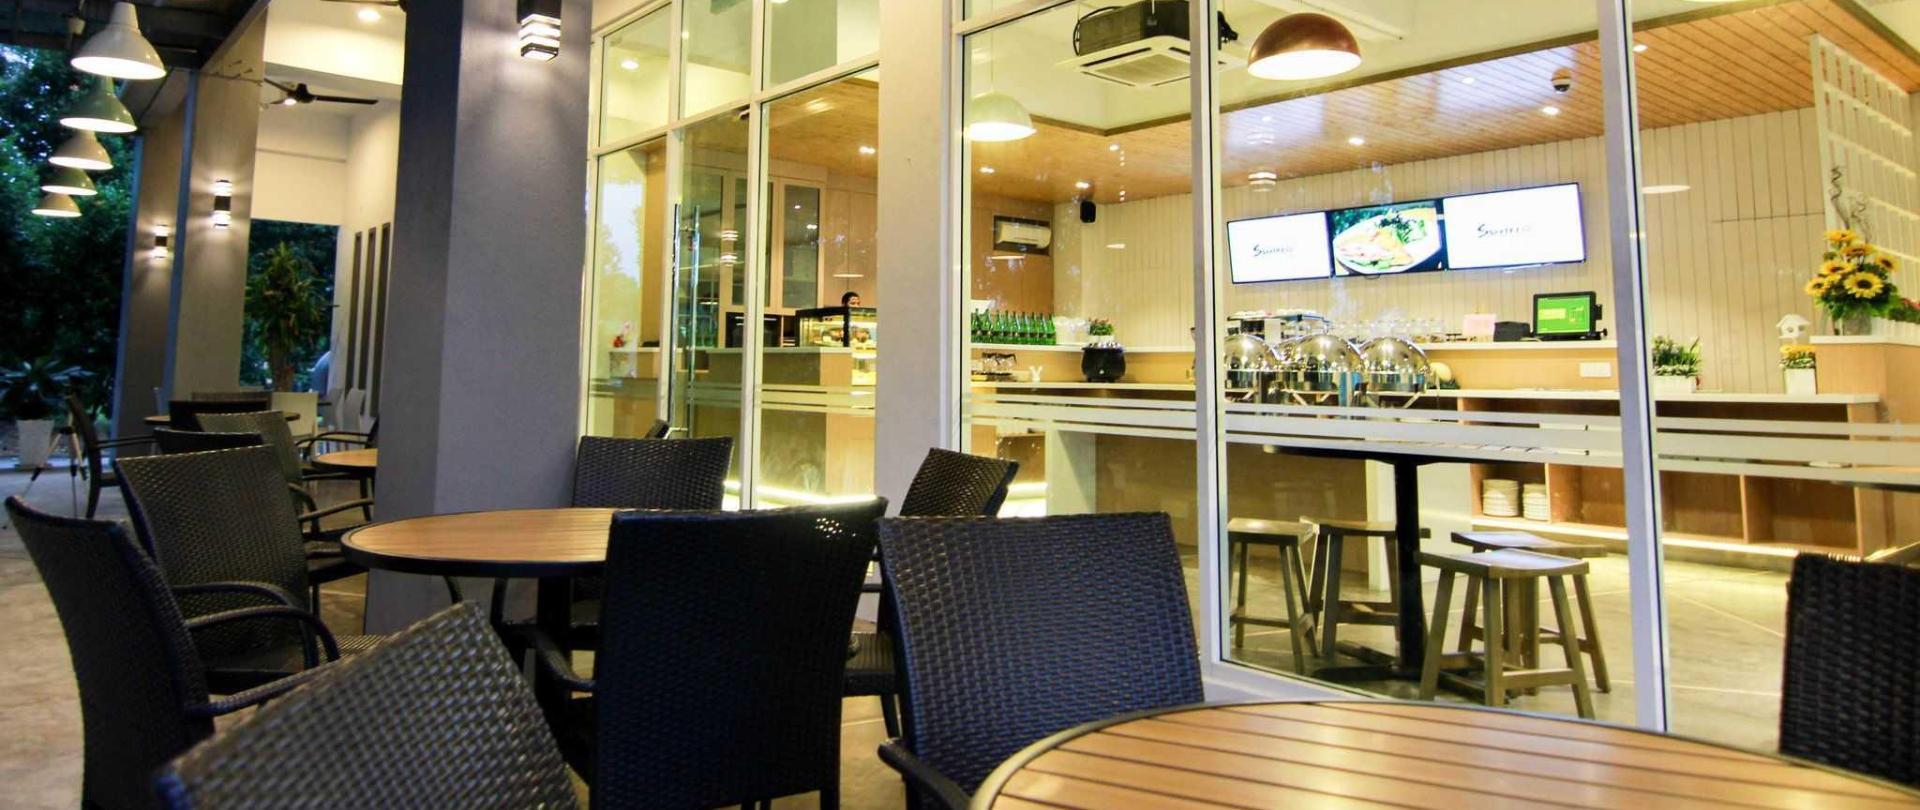 cafe-new.jpg